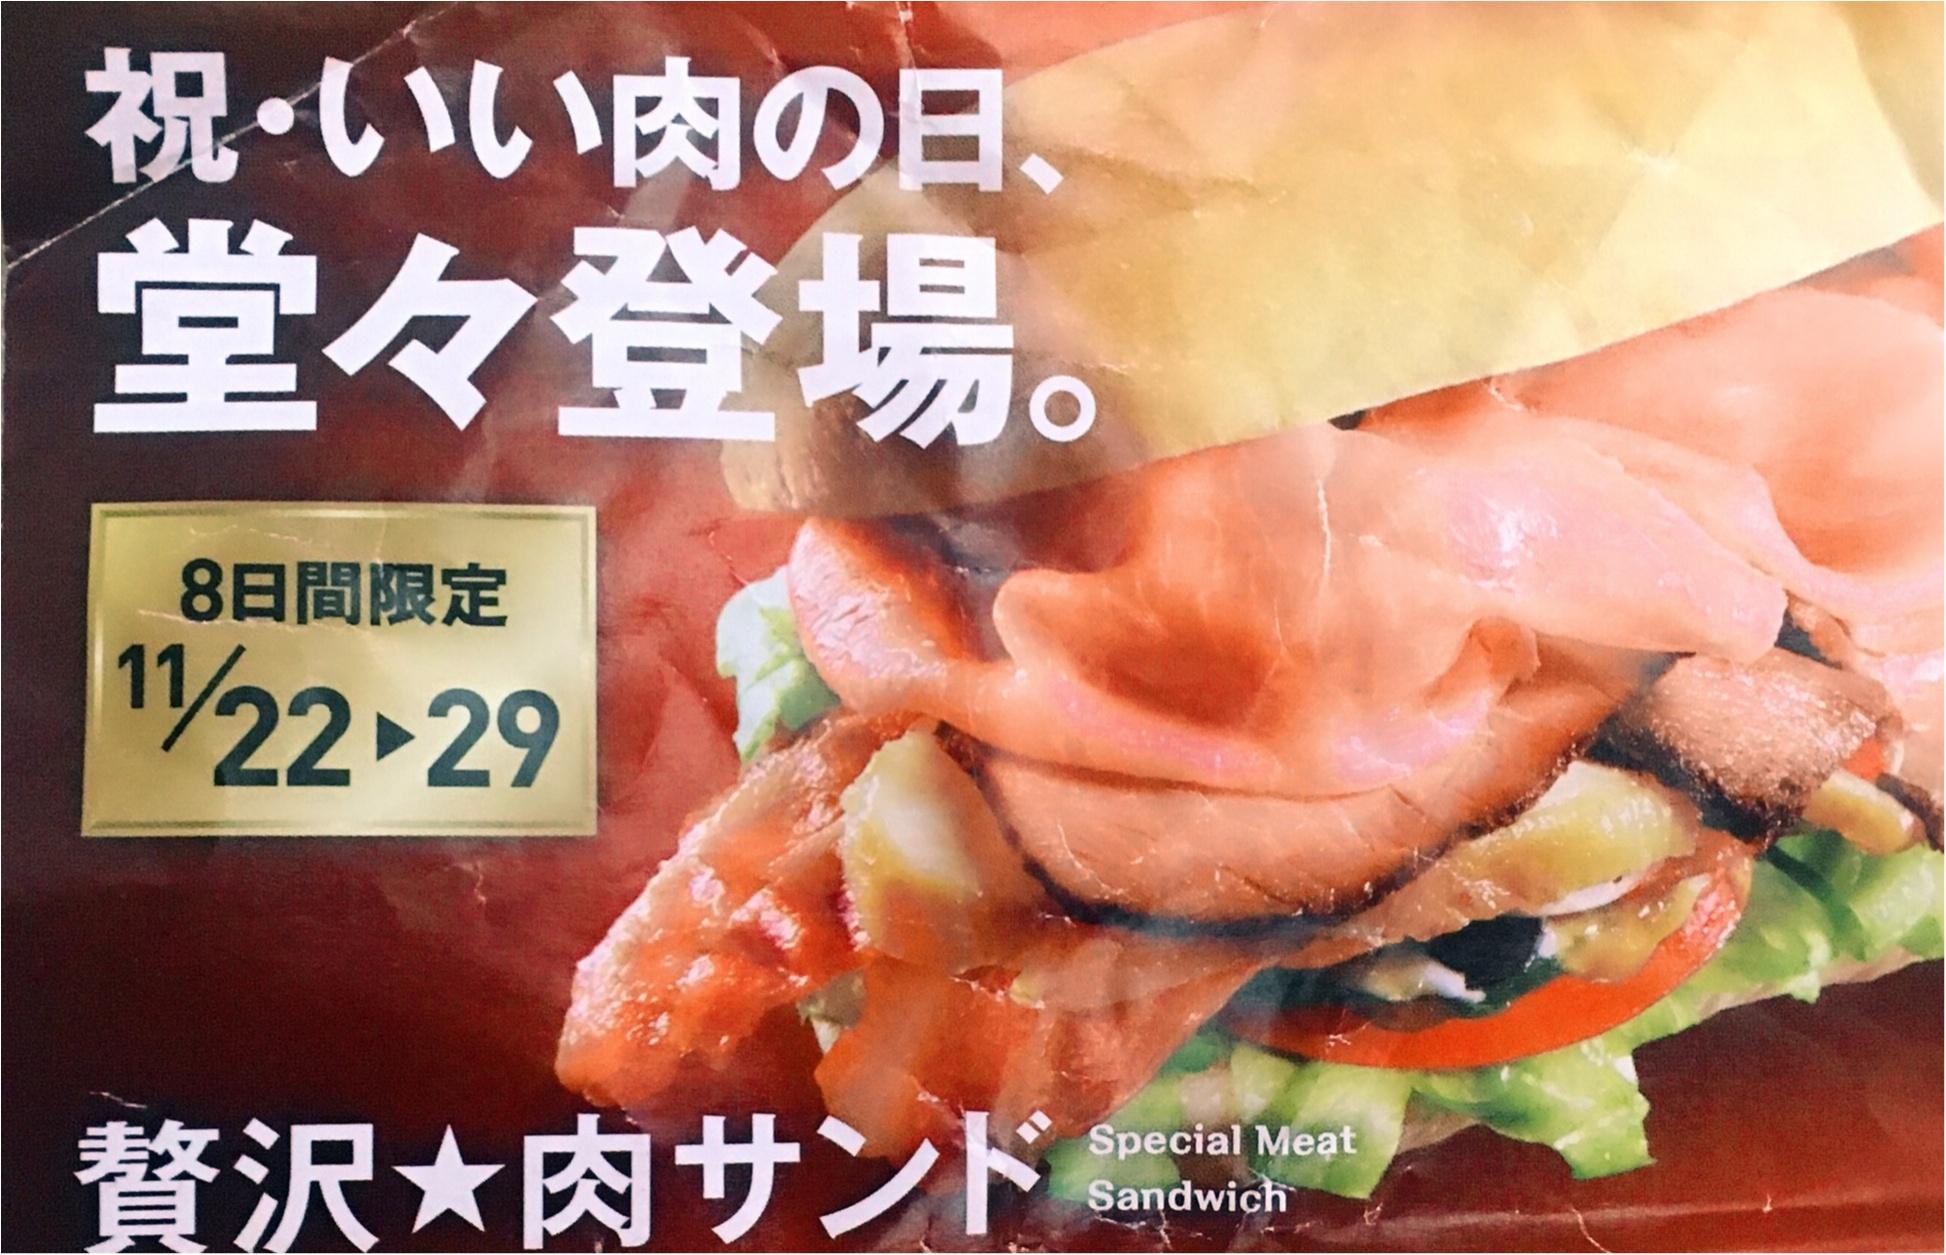 【SUBWAY】8日間限定販売!ボリューミーな「贅沢★肉サンド」は終了間近!!お得な頼み方も…!?_1